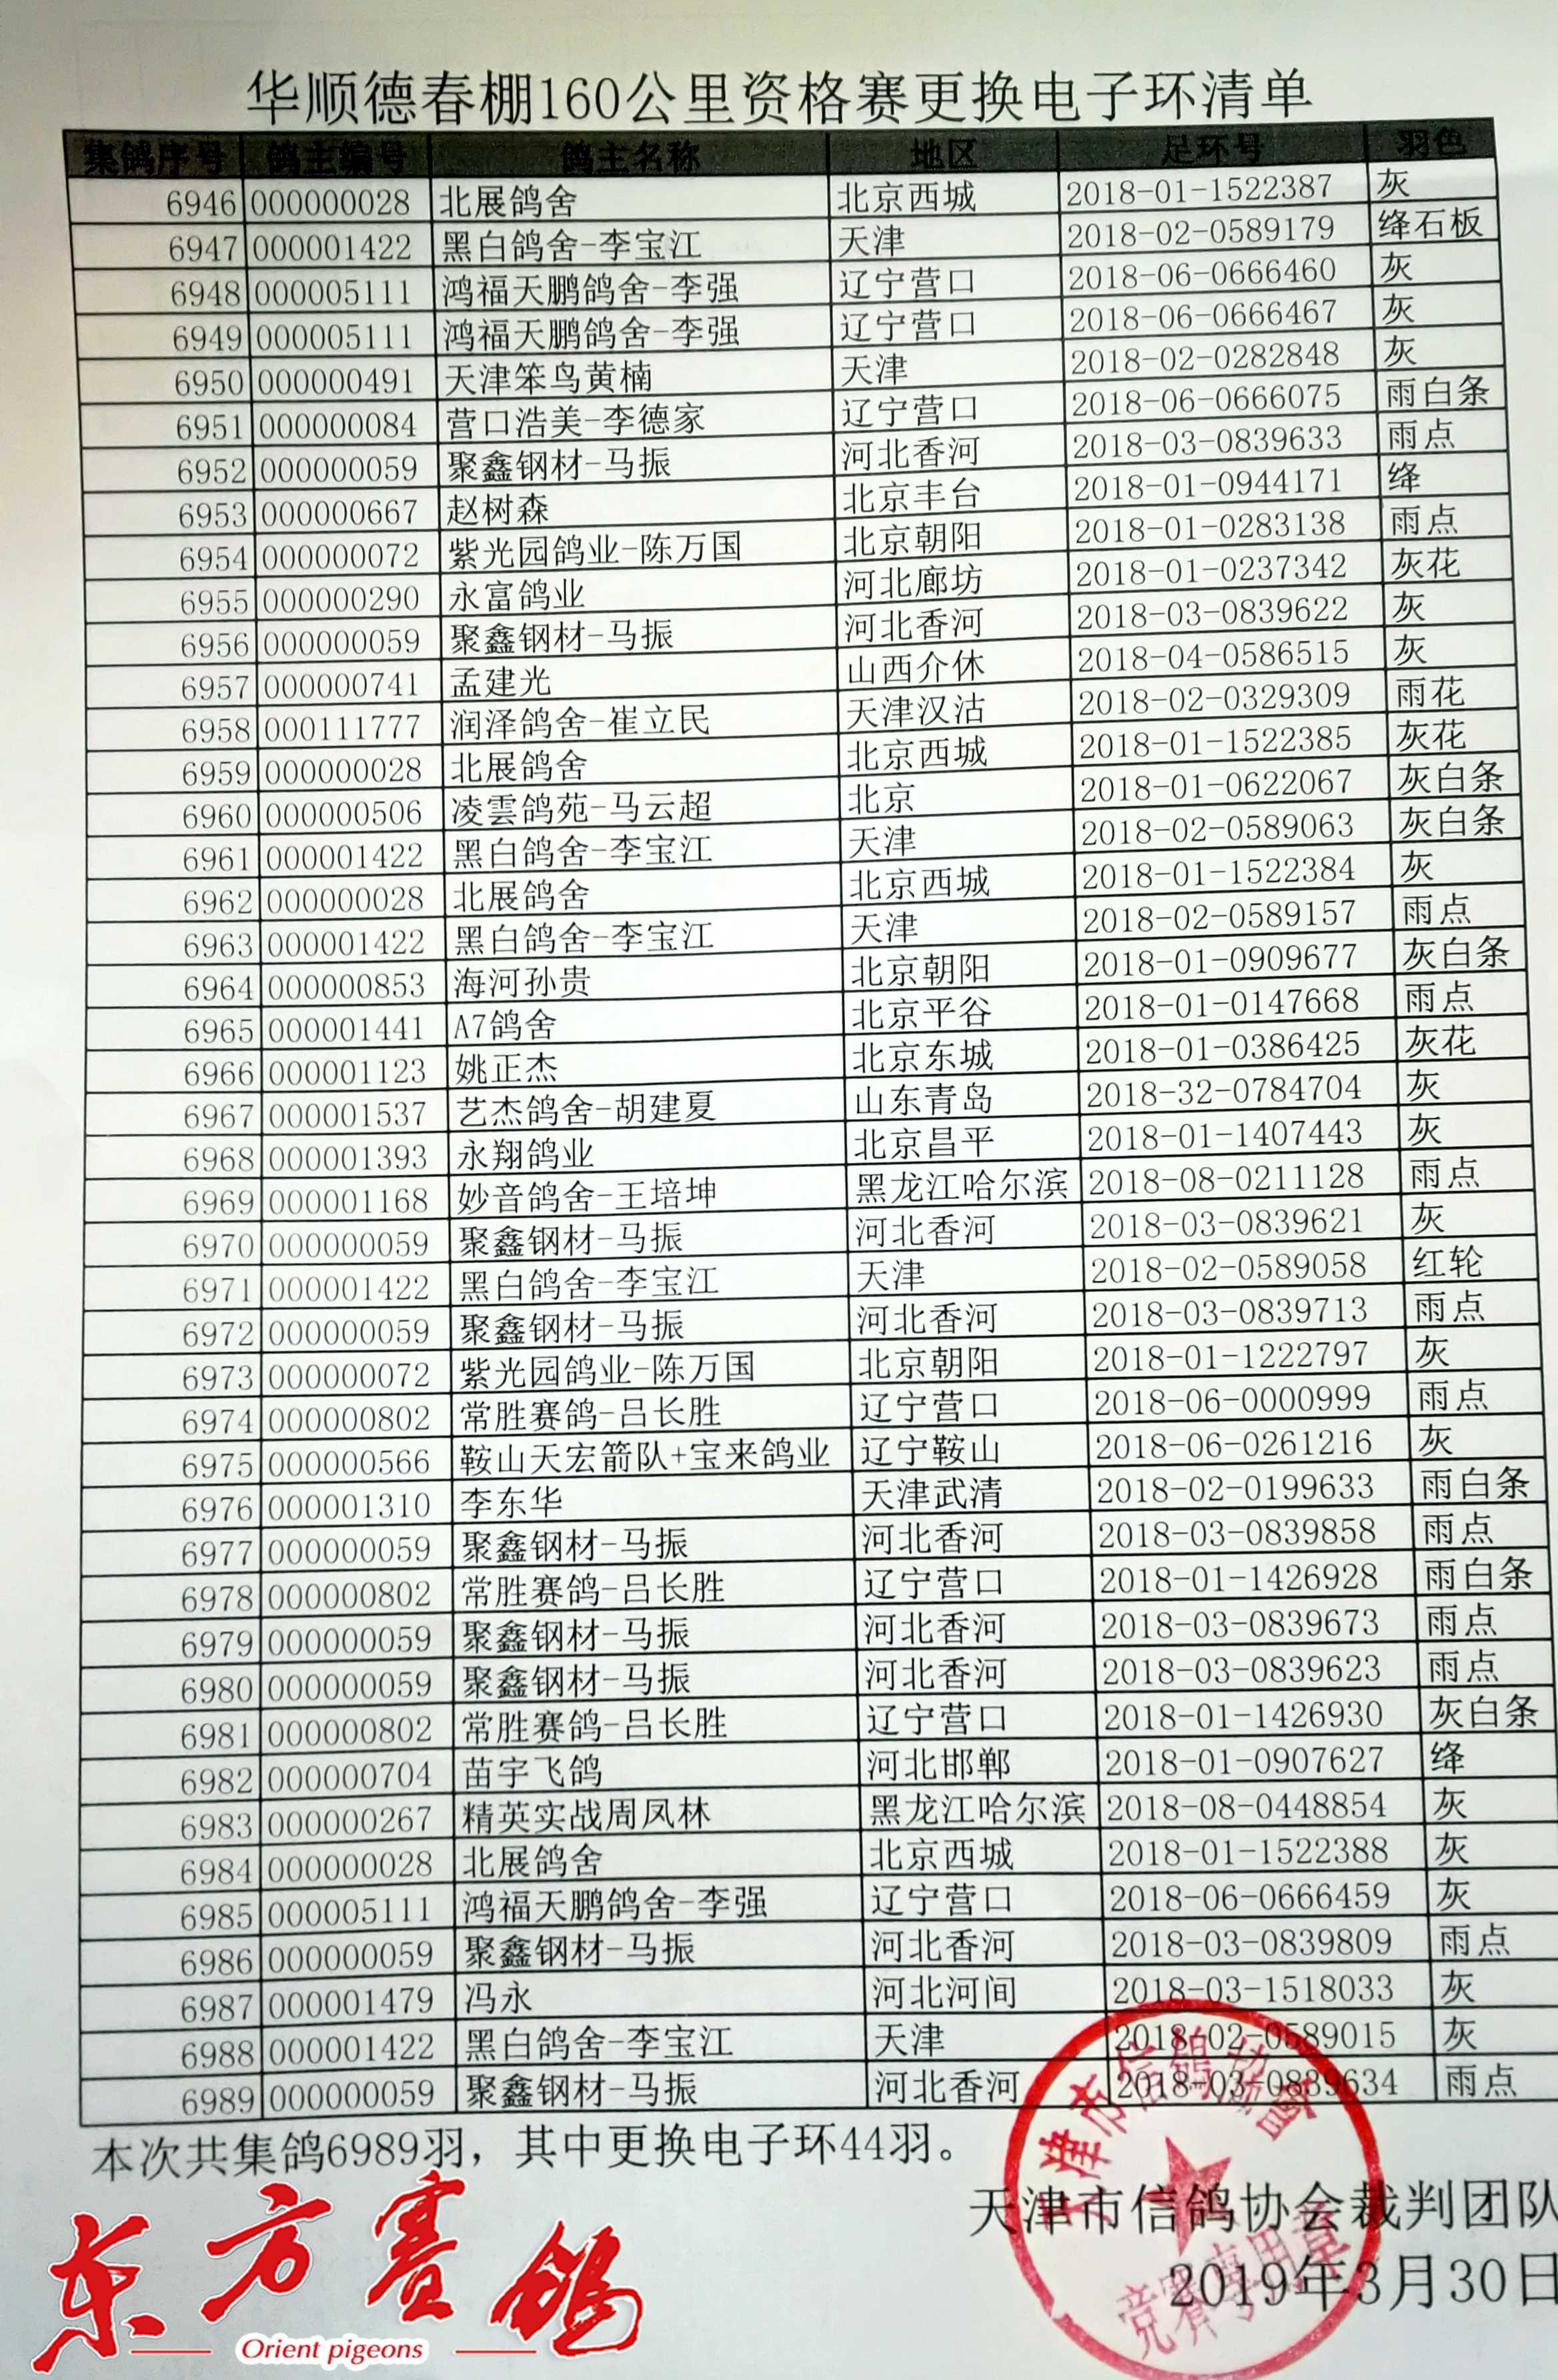 5、天津市信鸽协会确认更换电子环数据。